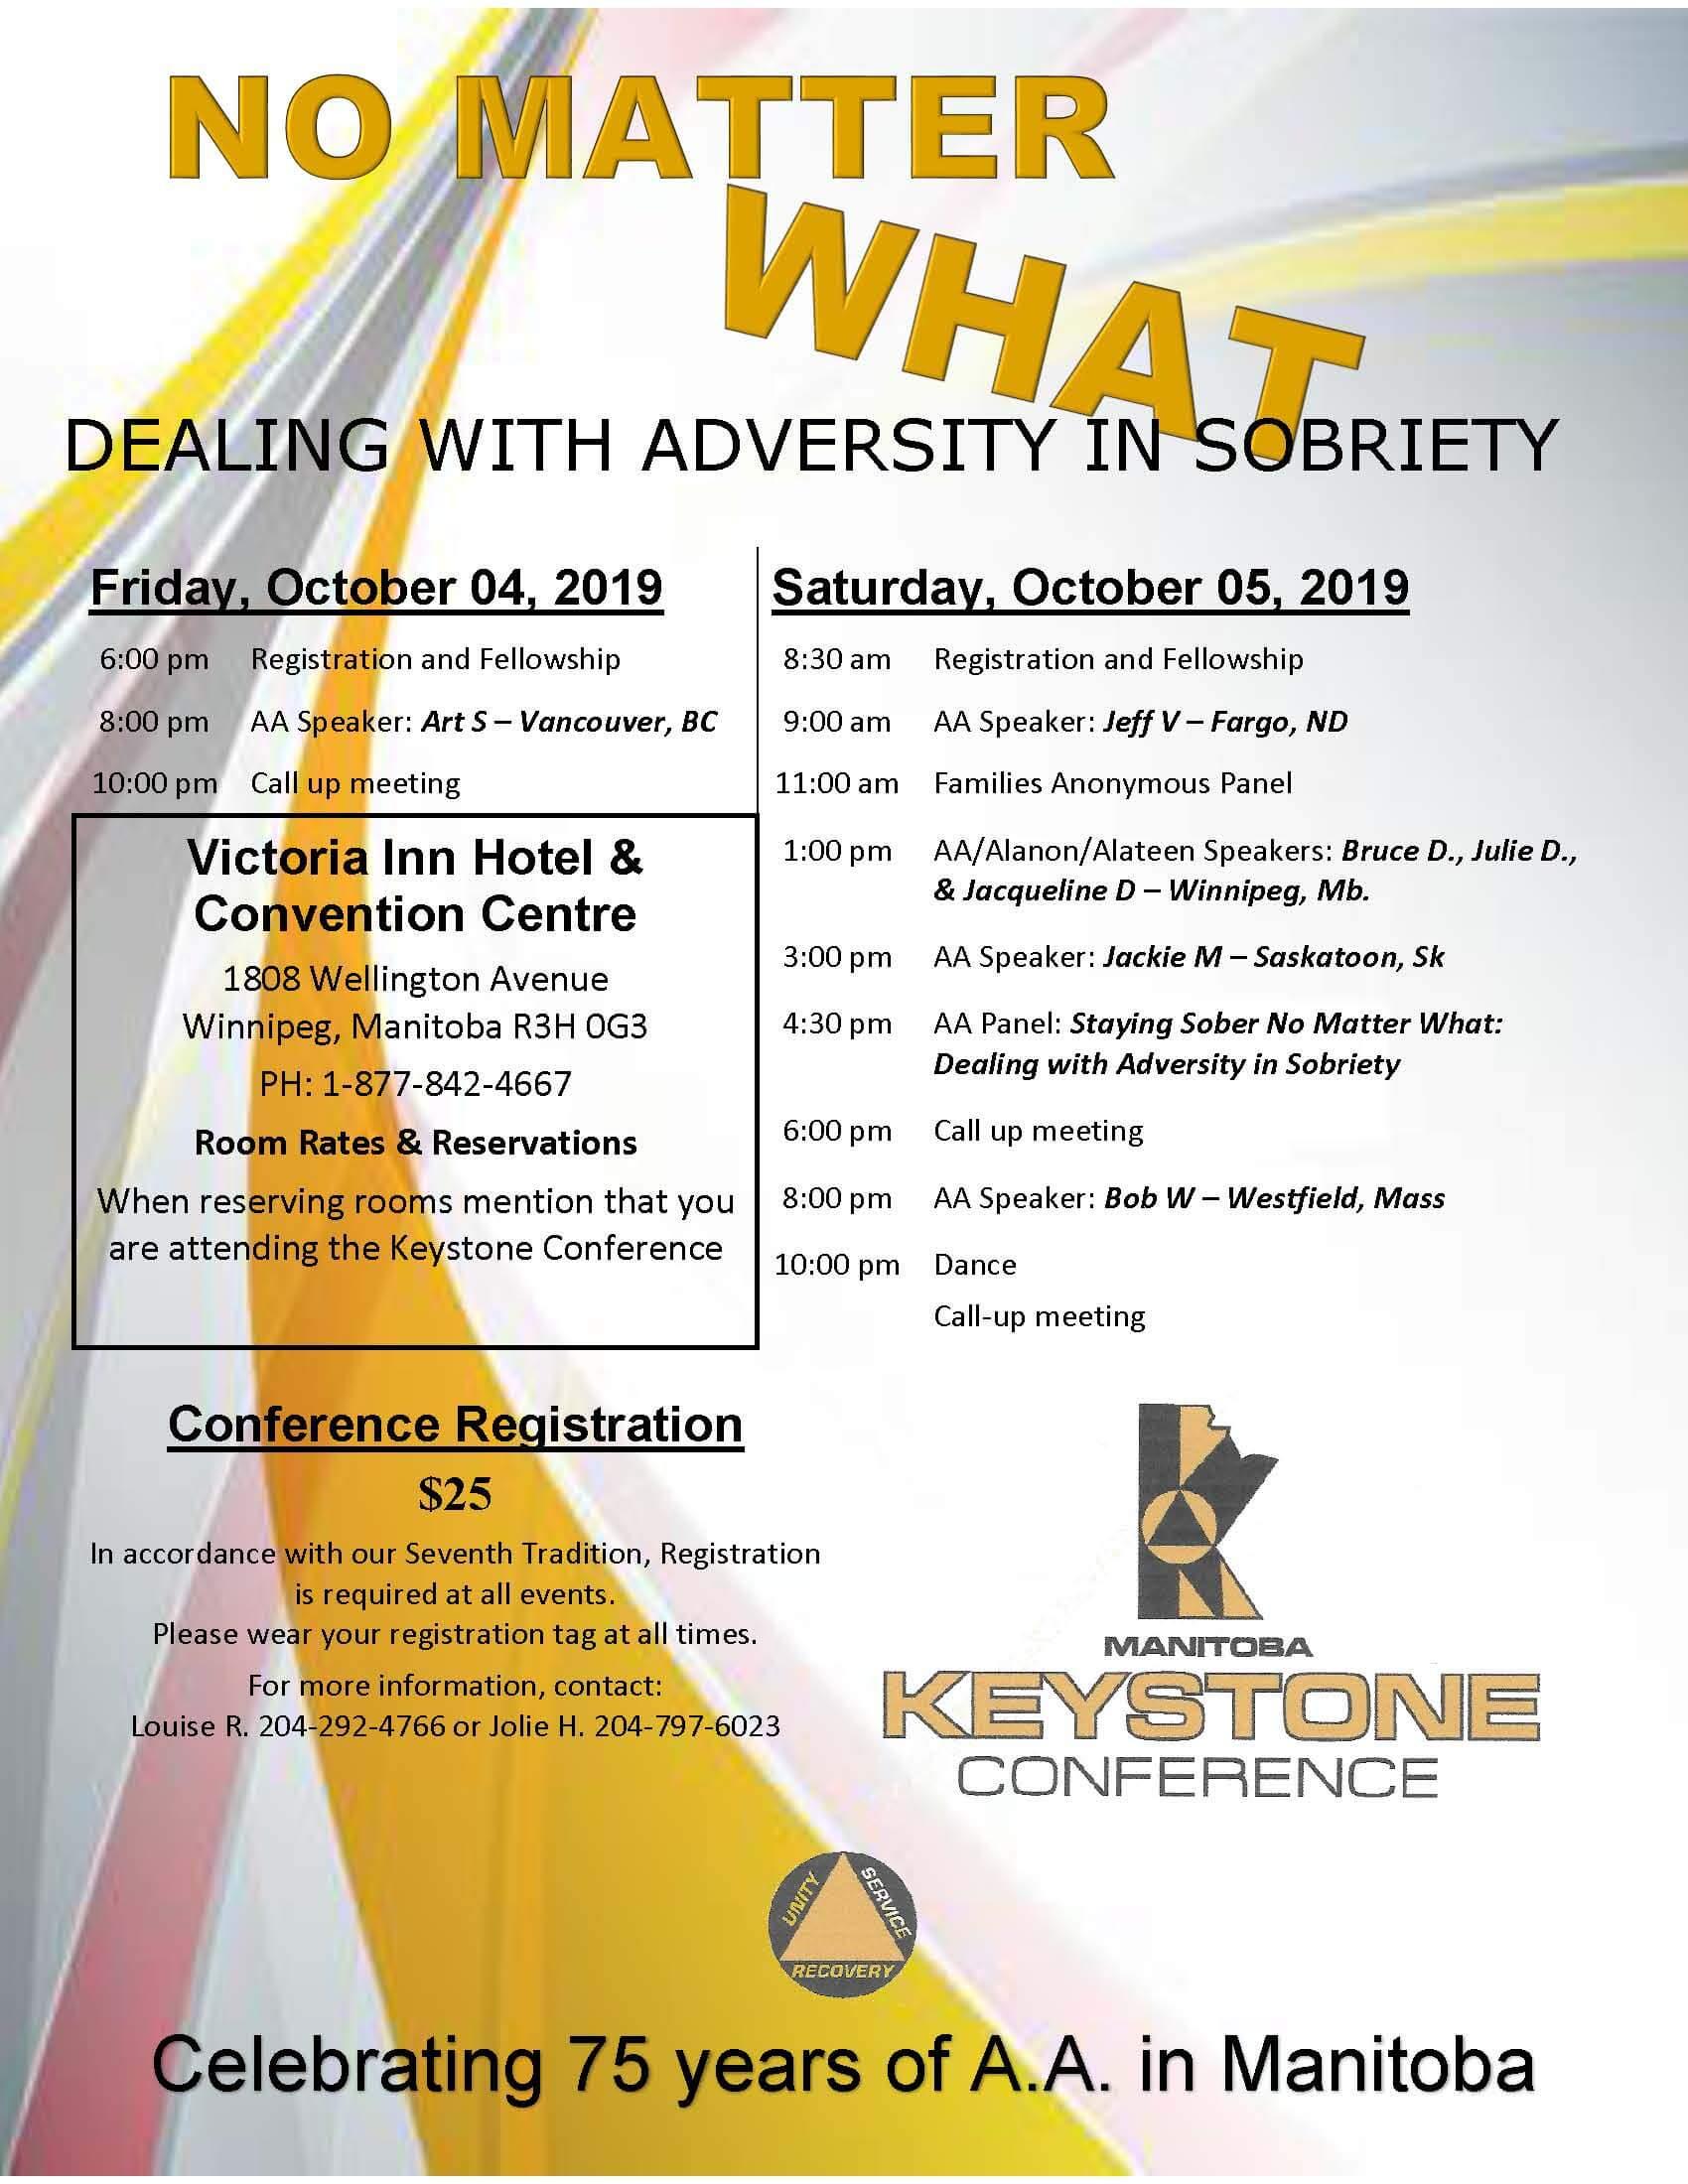 Manitoba Keystone Conference